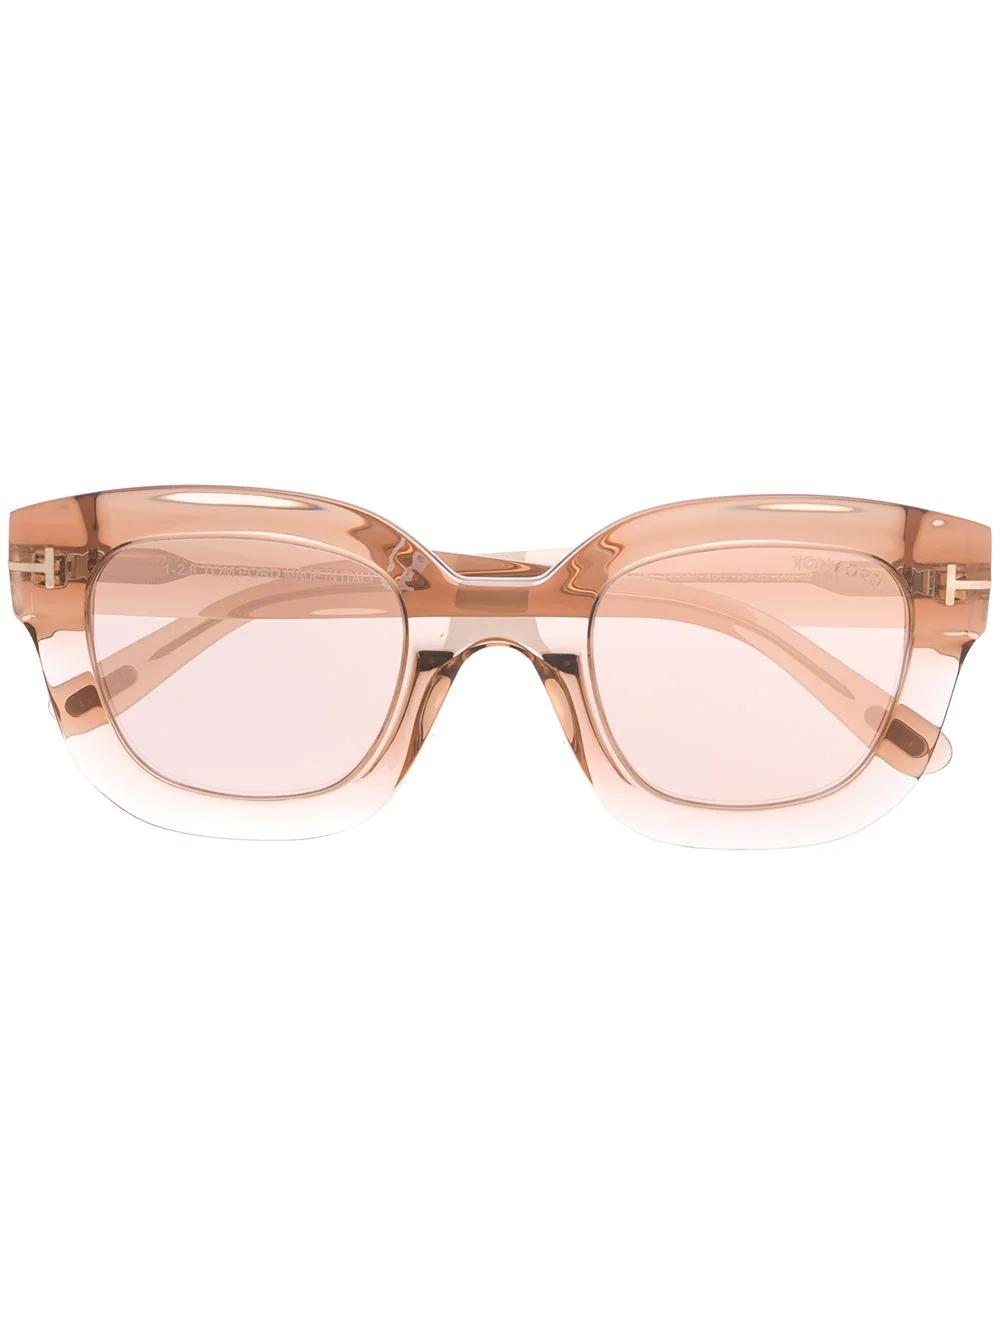 Tom Ford | солнцезащитные очки Pia в квадратной оправе | Clouty